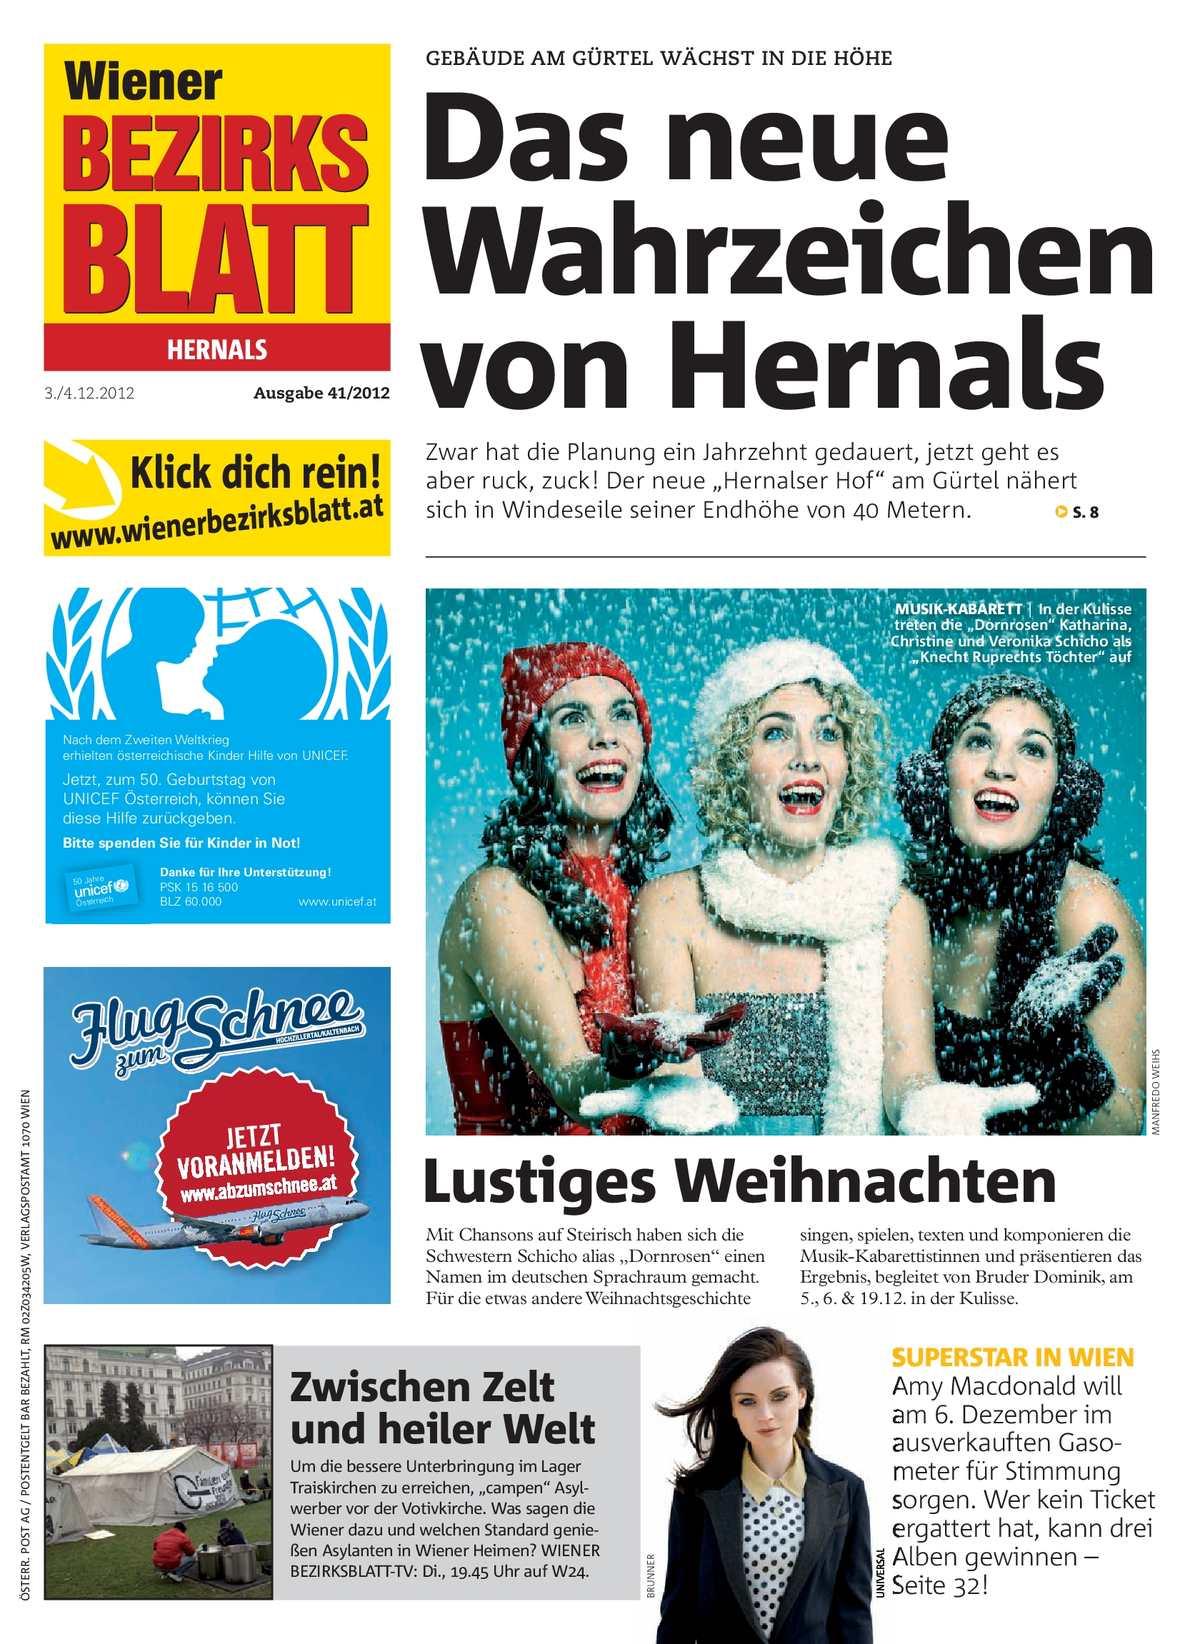 Speed Friending in Wien: Neue Freunde in gemtlicher